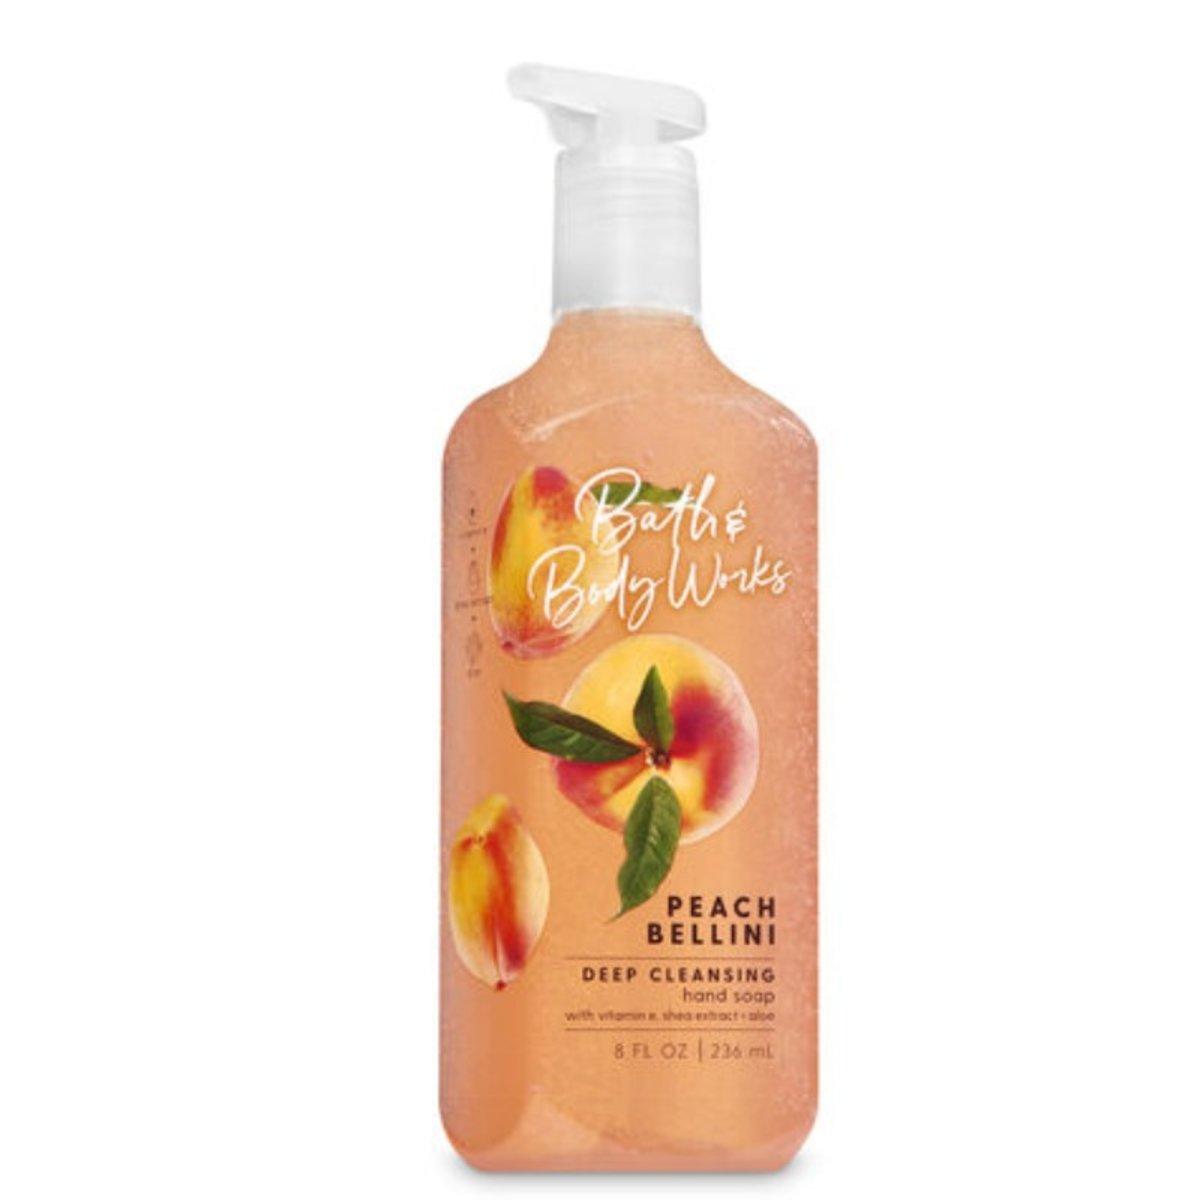 Peach Bellini 深層清潔洗手液(平行進口貨品)